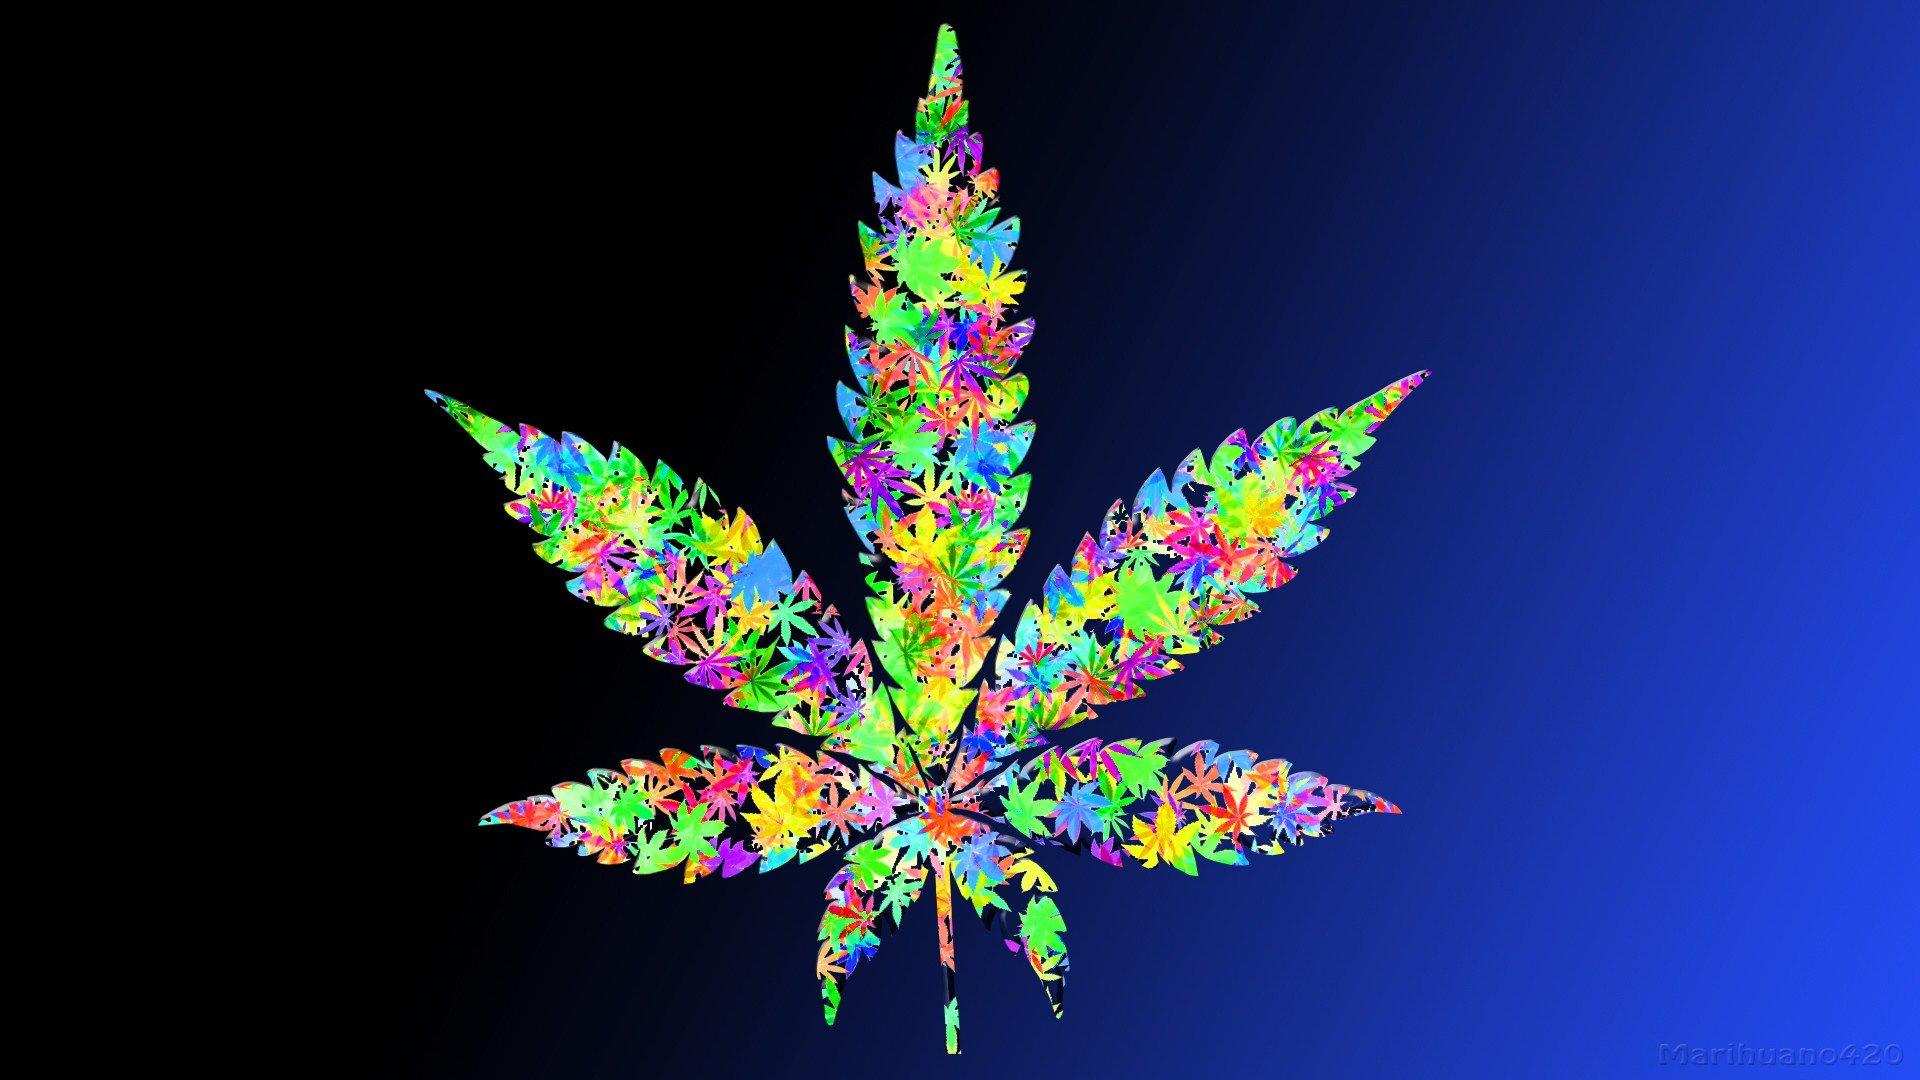 1920x1080 px drugs leaf leaves marijuana weeds 1525307